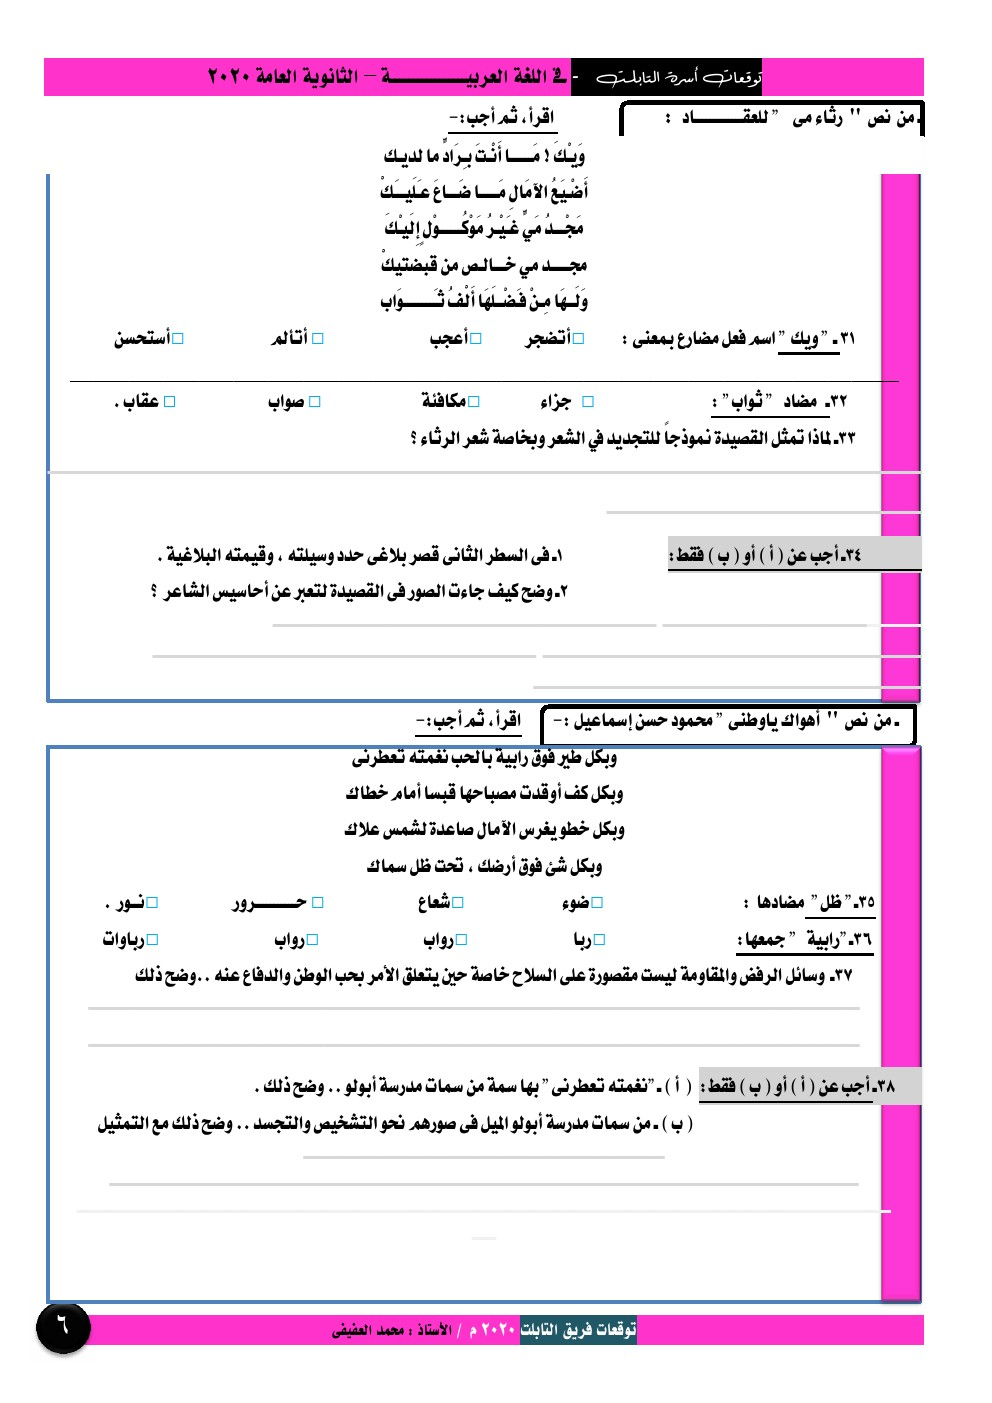 نماذج بوكليت لغة عربية متوقعة للصف الثالث الثانوى 2020 أ/ محمد العفيفي 6